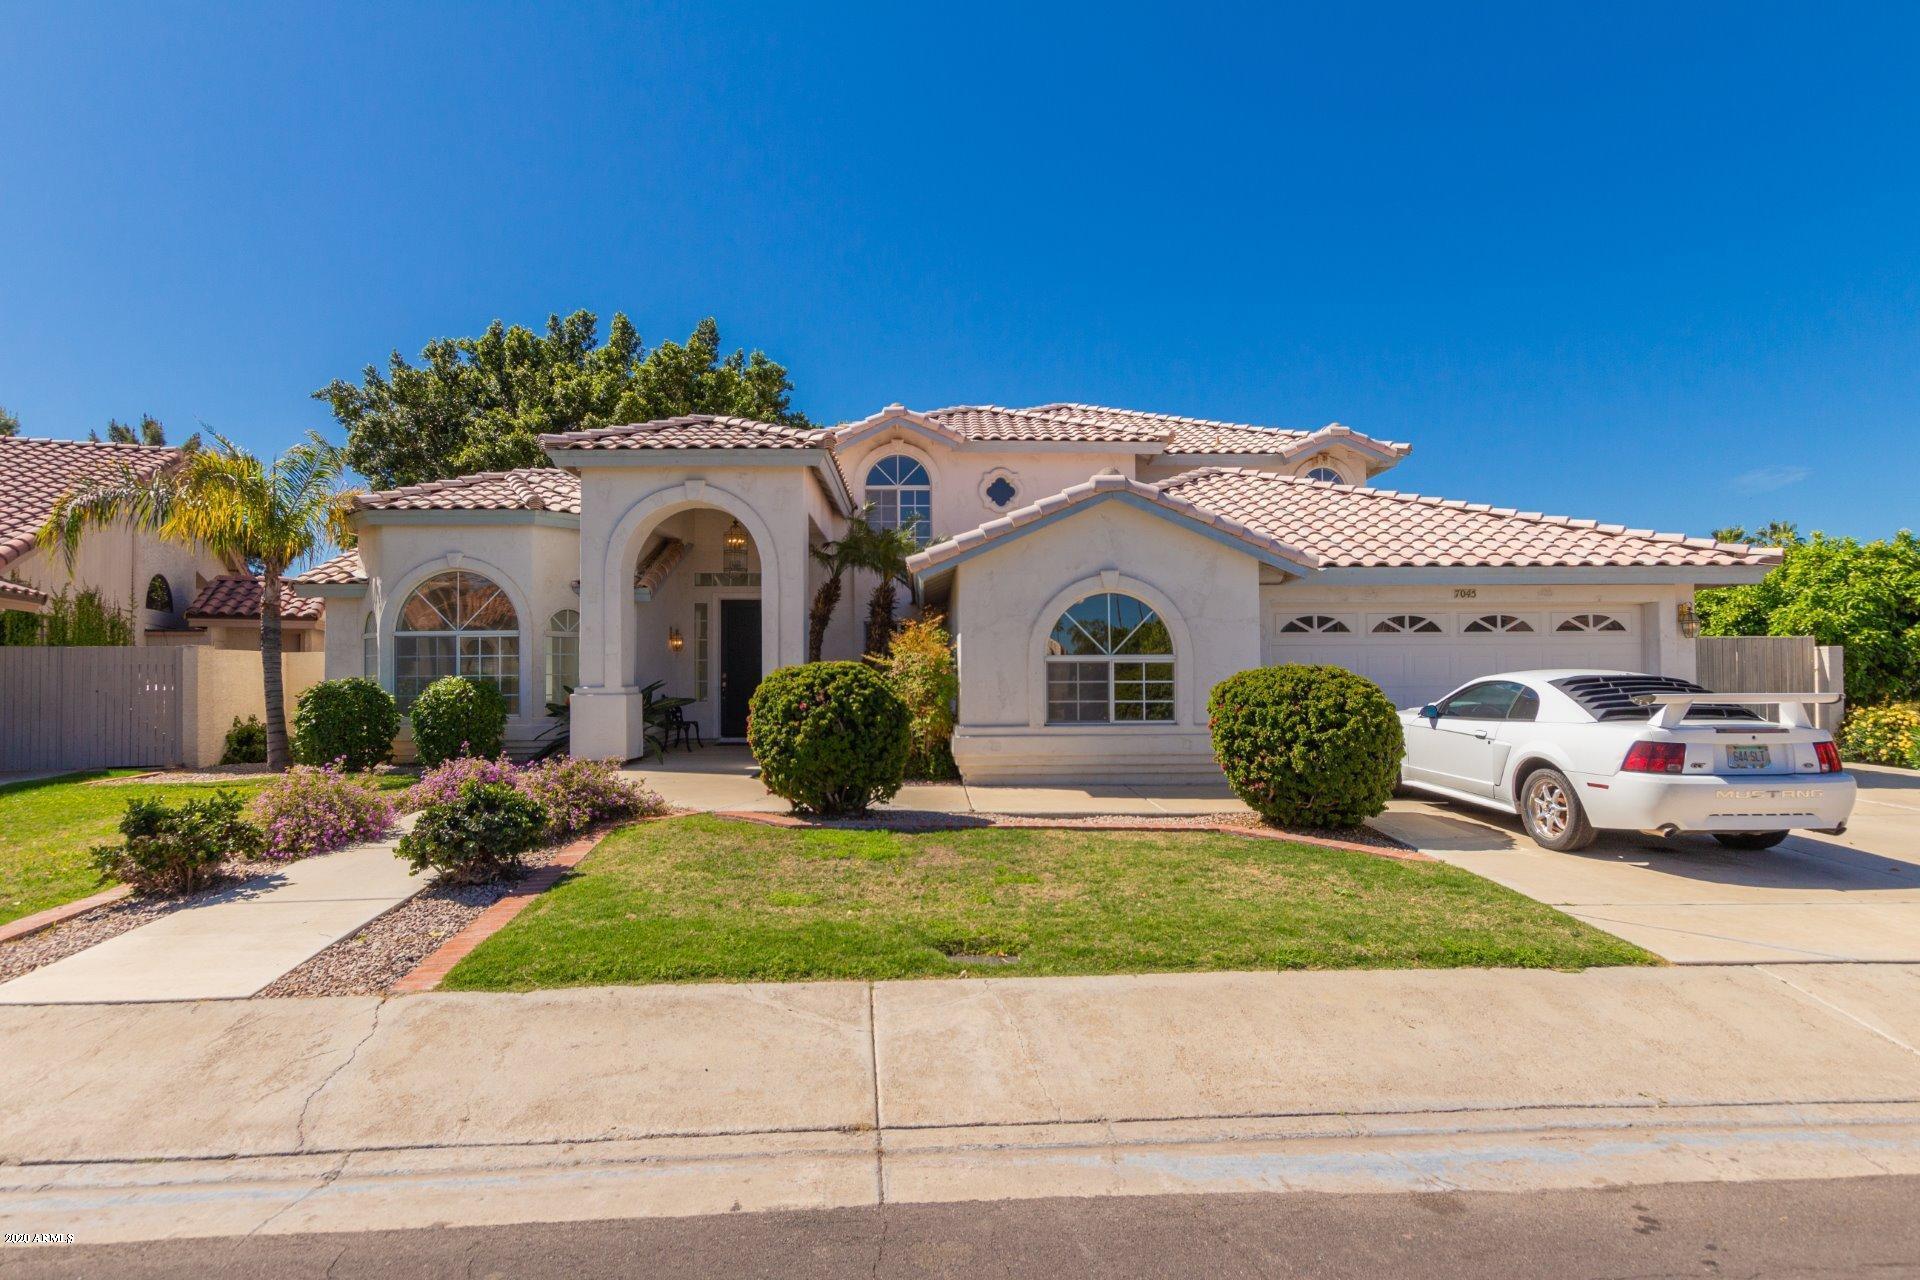 Photo of 7045 W KIMBERLY Way, Glendale, AZ 85308